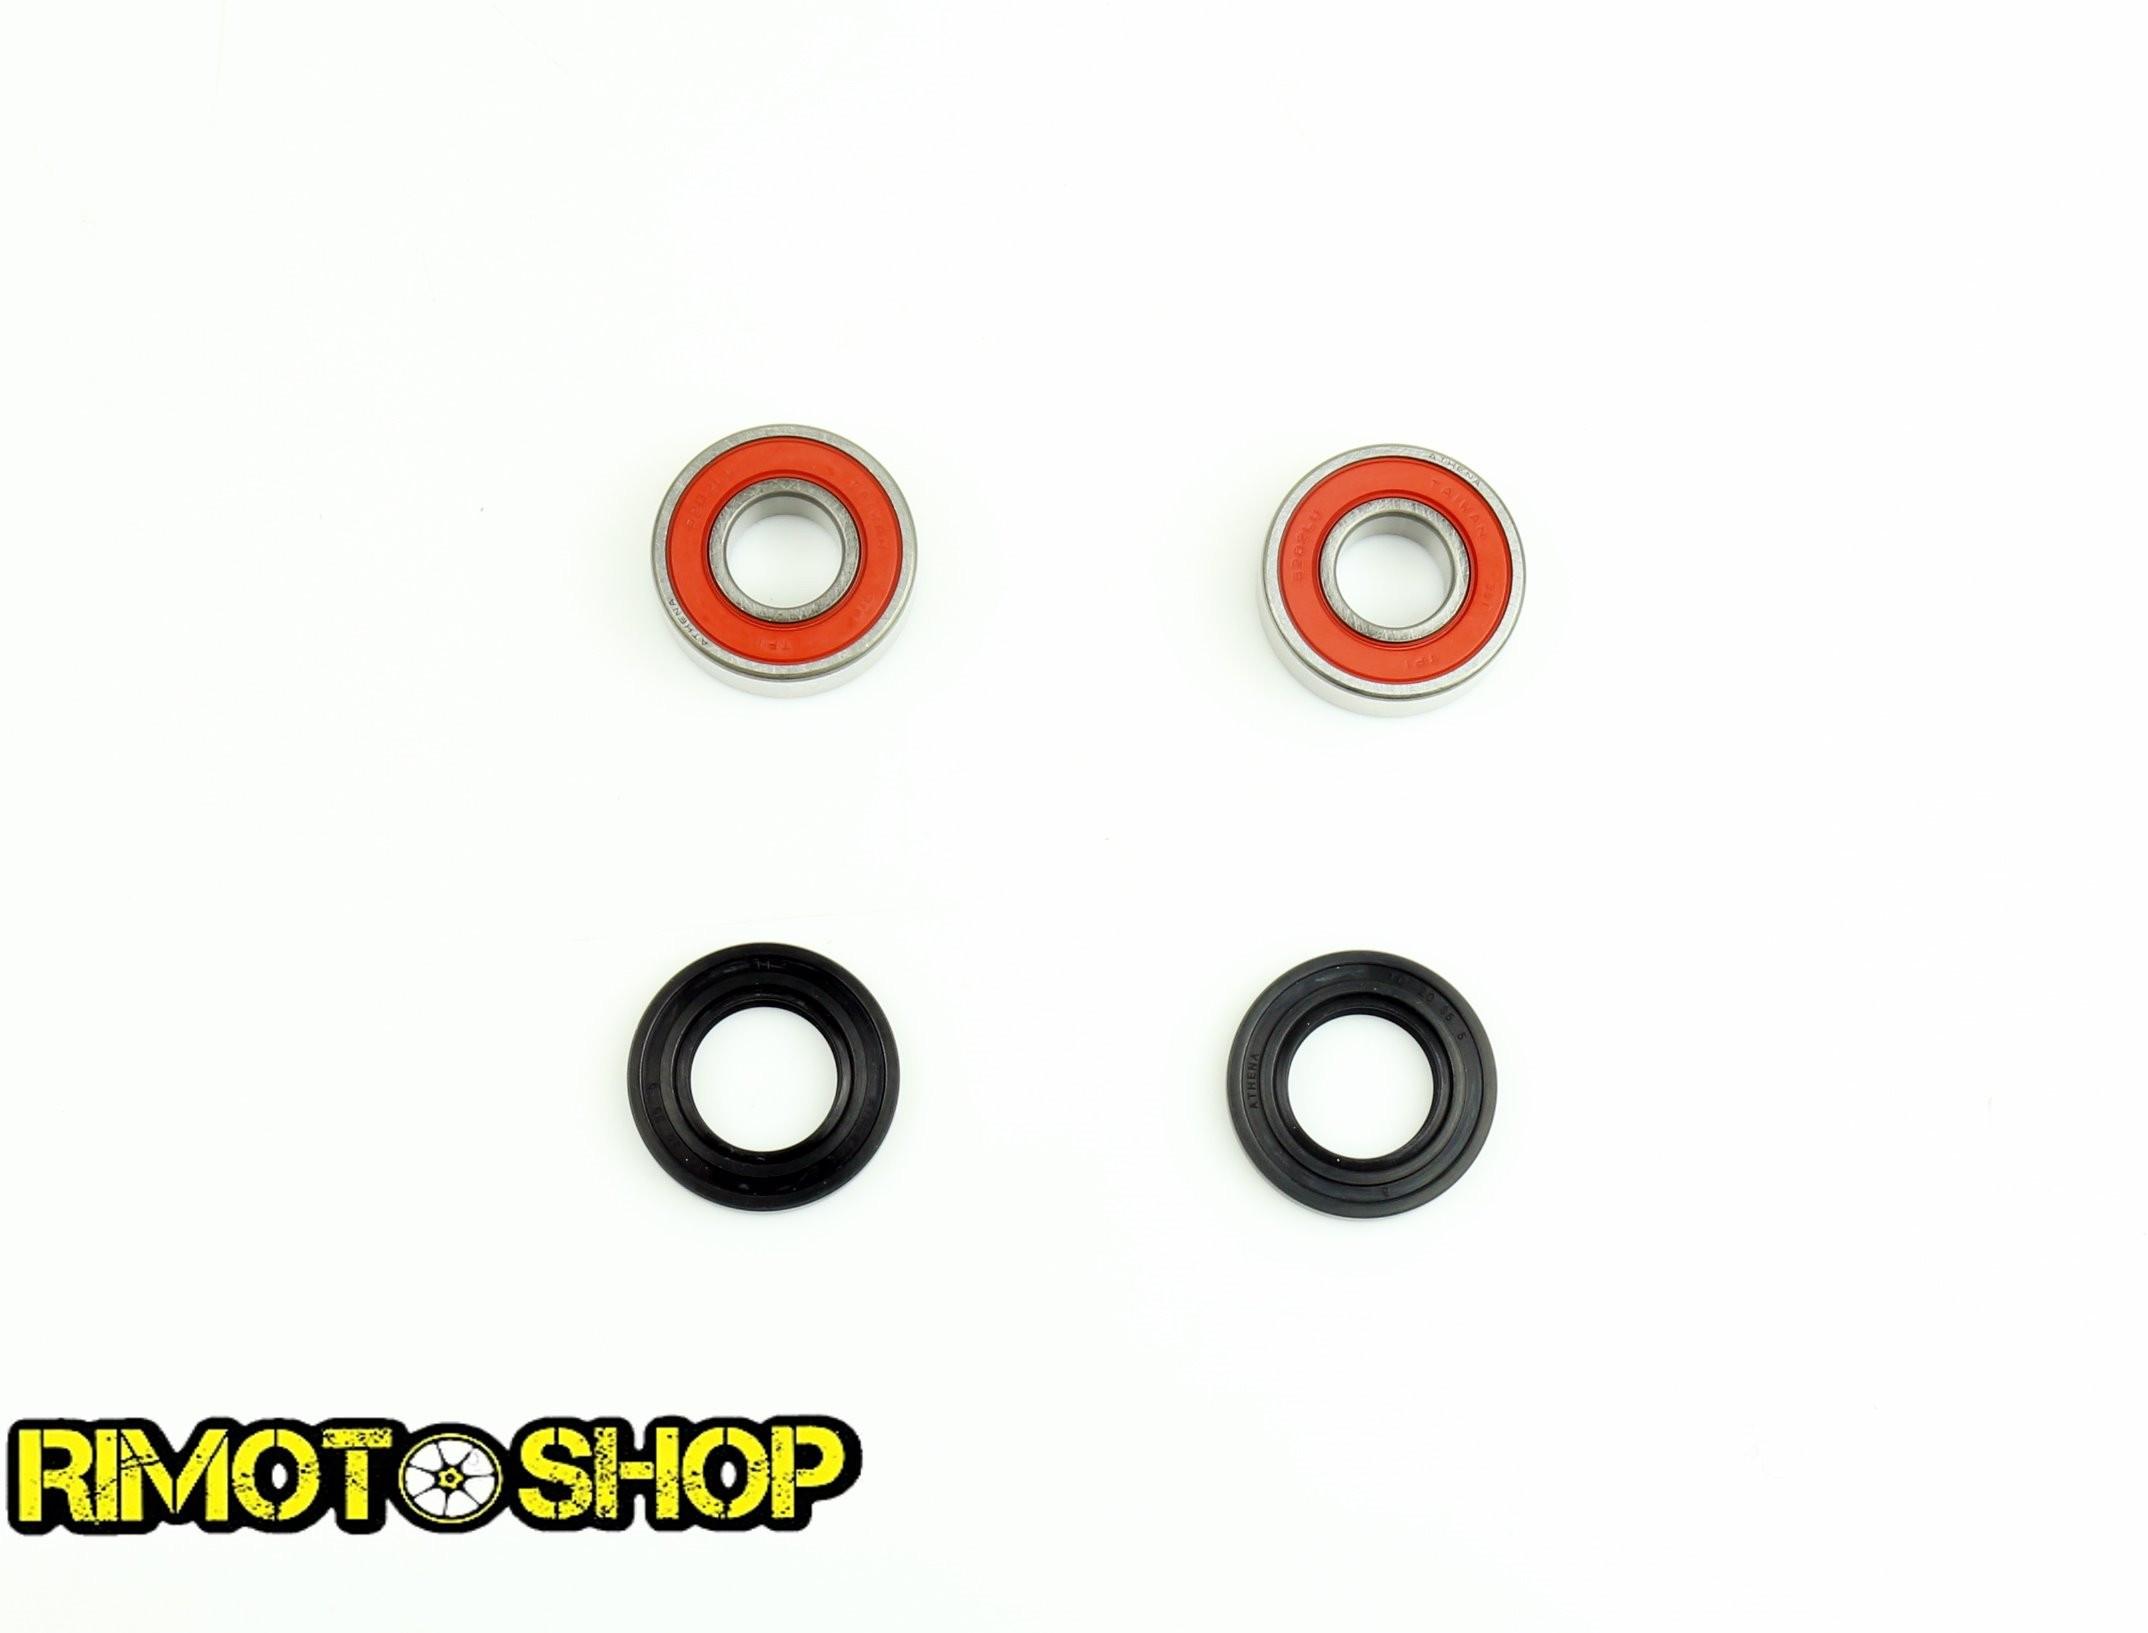 Kawasaki KDX200 1988 All Balls Front Wheel Bearing and Seal Kit